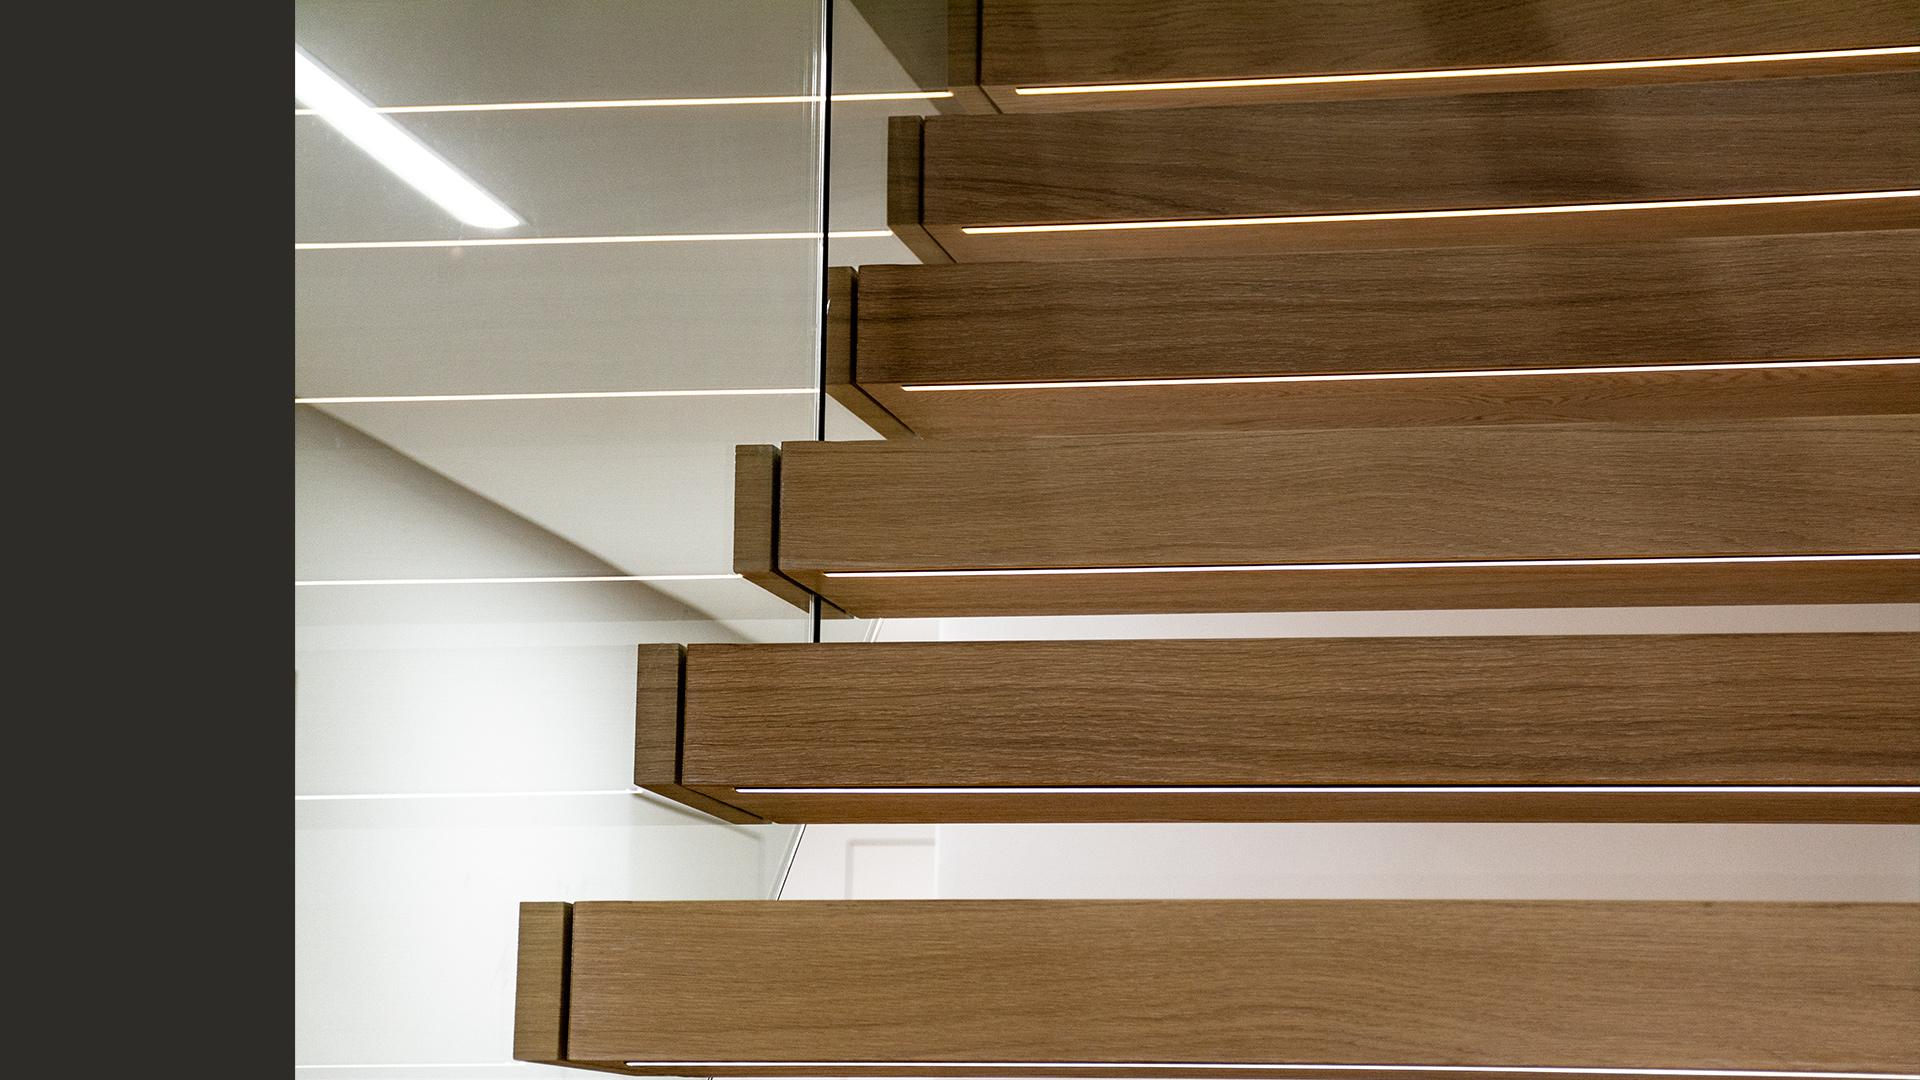 Każdy ze stopni schodów posiada podświetlenie LED, gwarantujące bezpieczeństwo po zmroku.